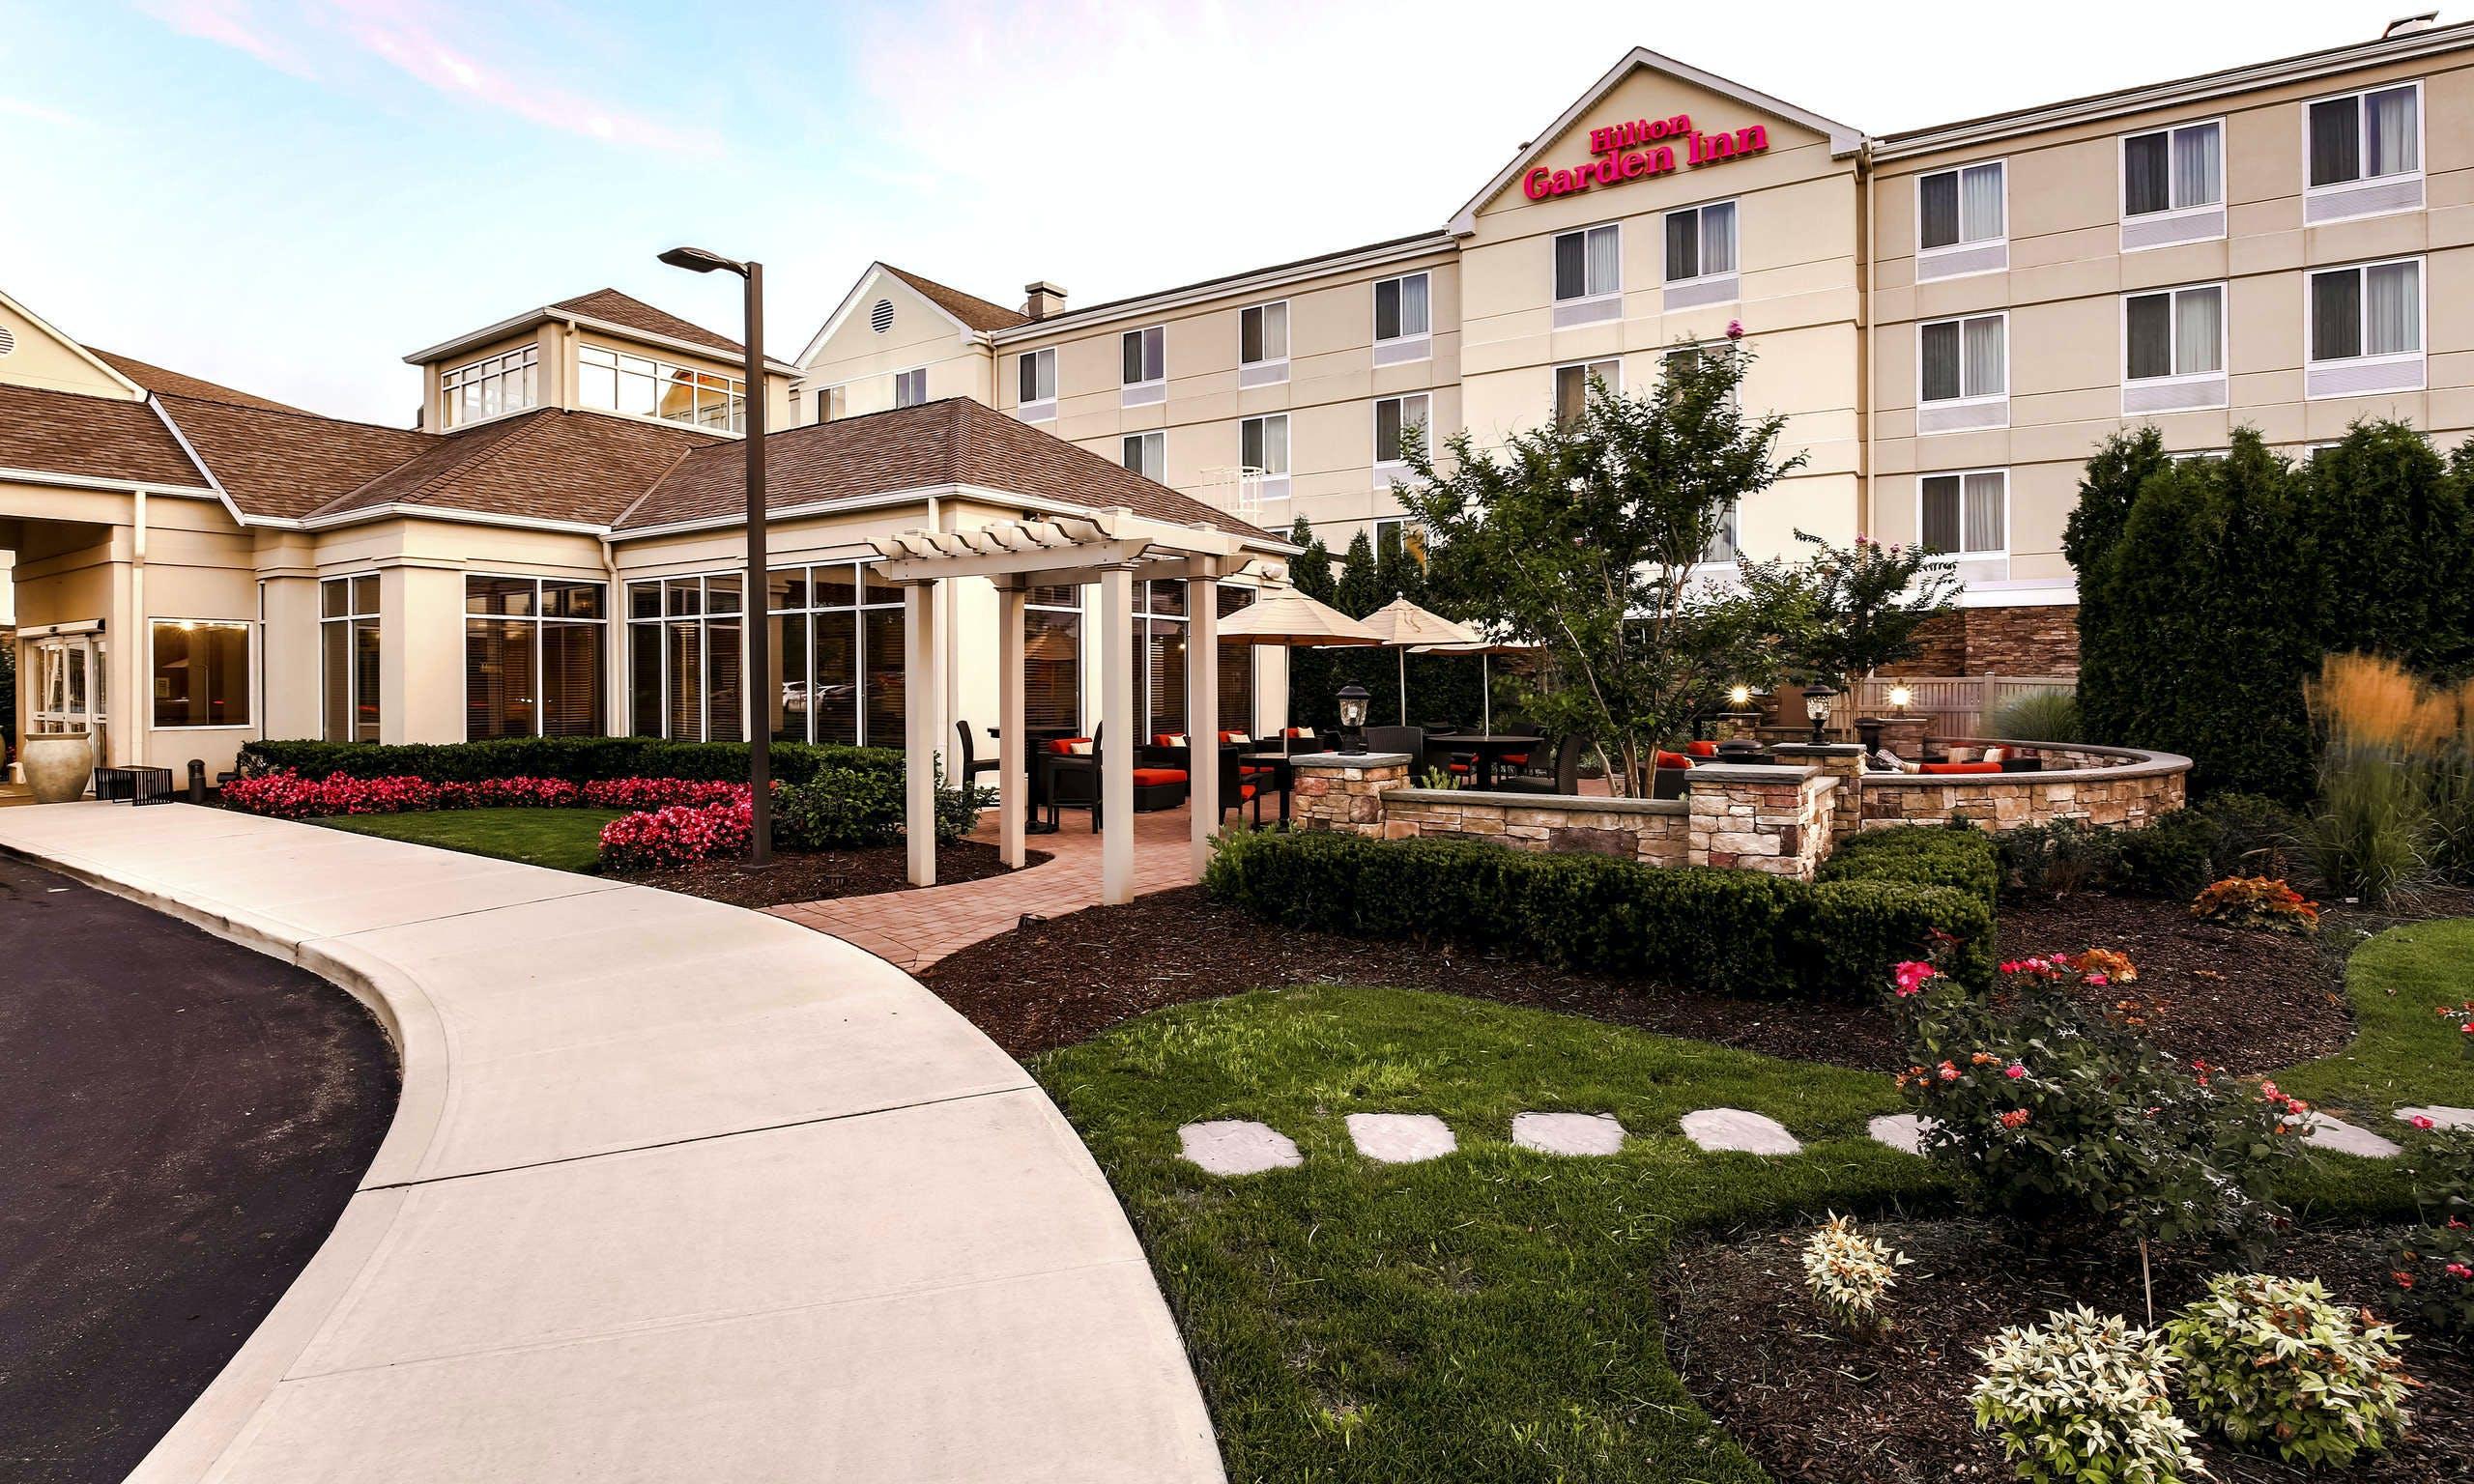 Last Minute Hotel Deals in Long Island - HotelTonight